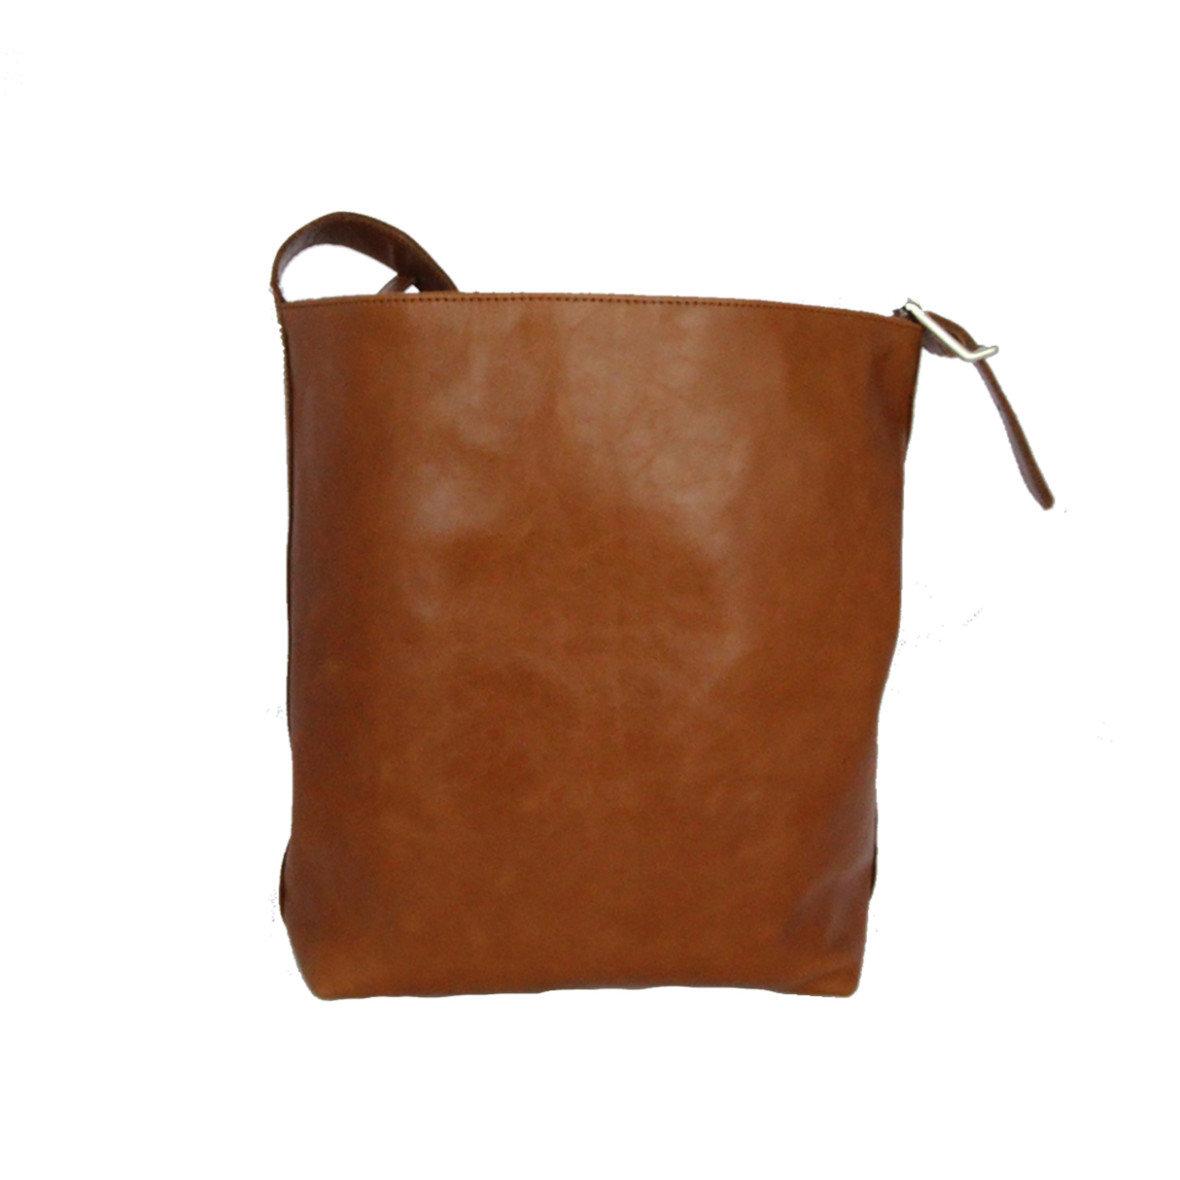 Handtasche - Olivenleder - mittel-/dunkelbraun